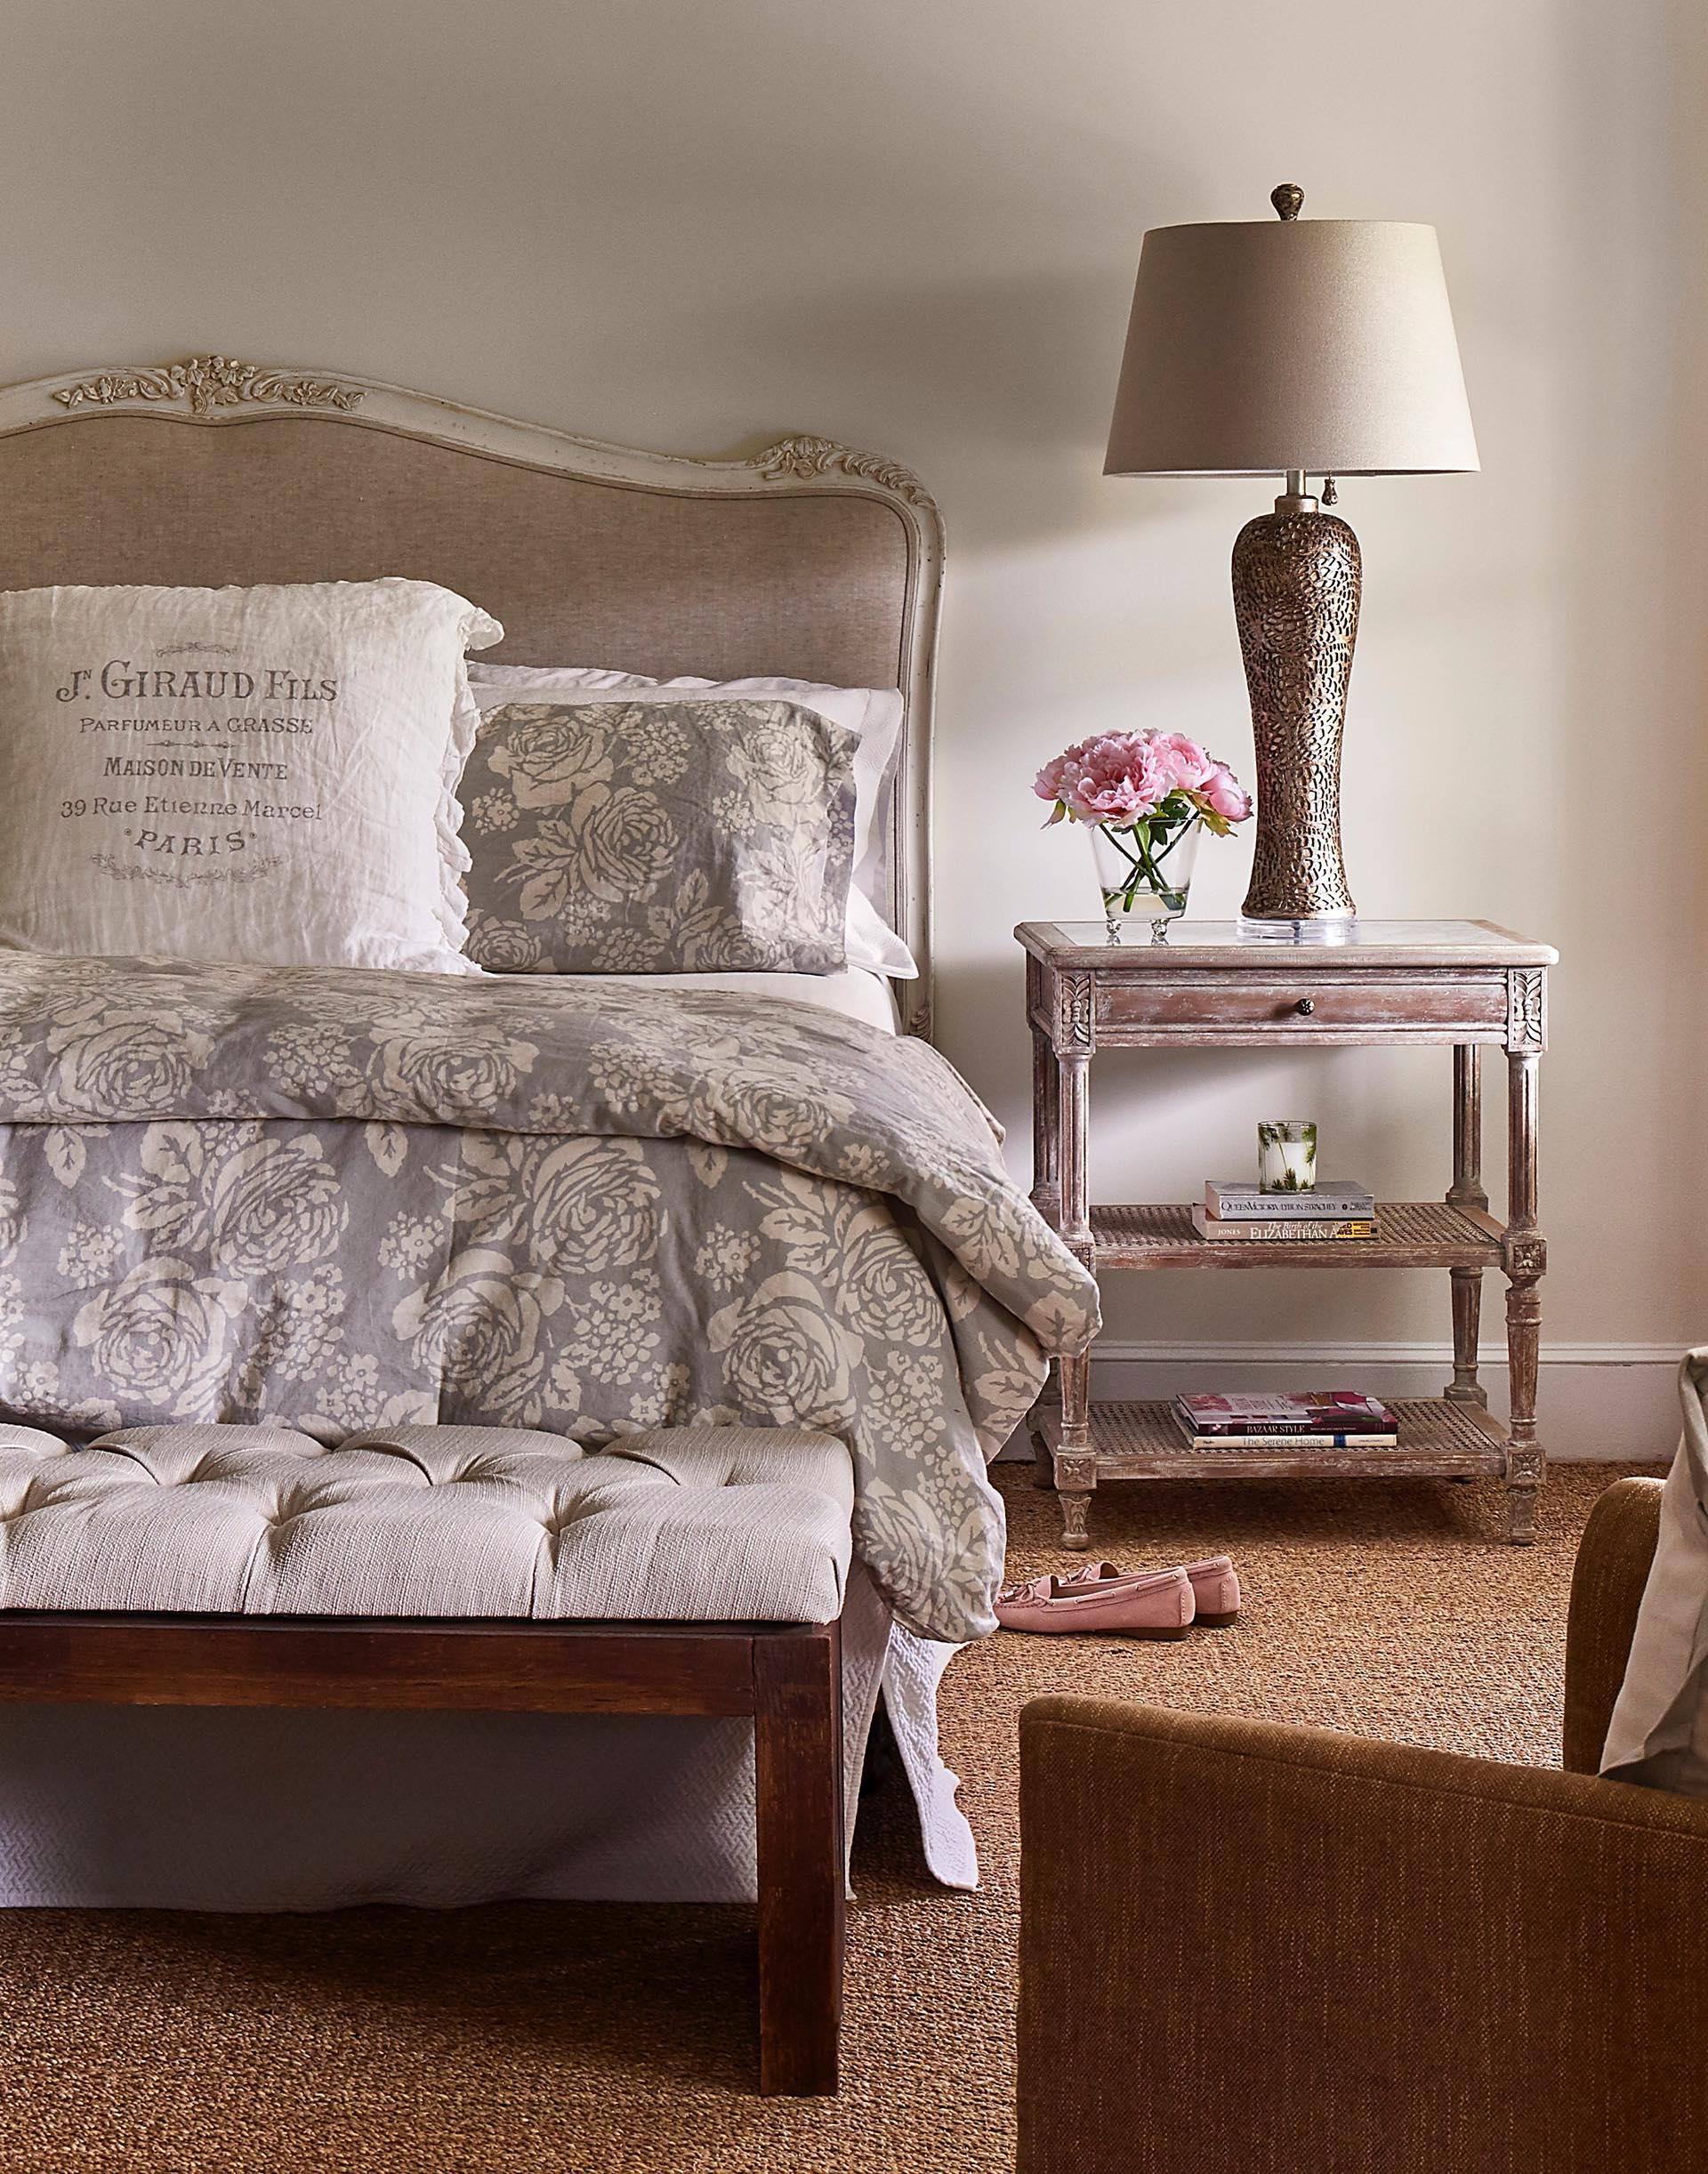 спальня кровать изголовье прикроватные тумбы лампы ваза цветы банкетка